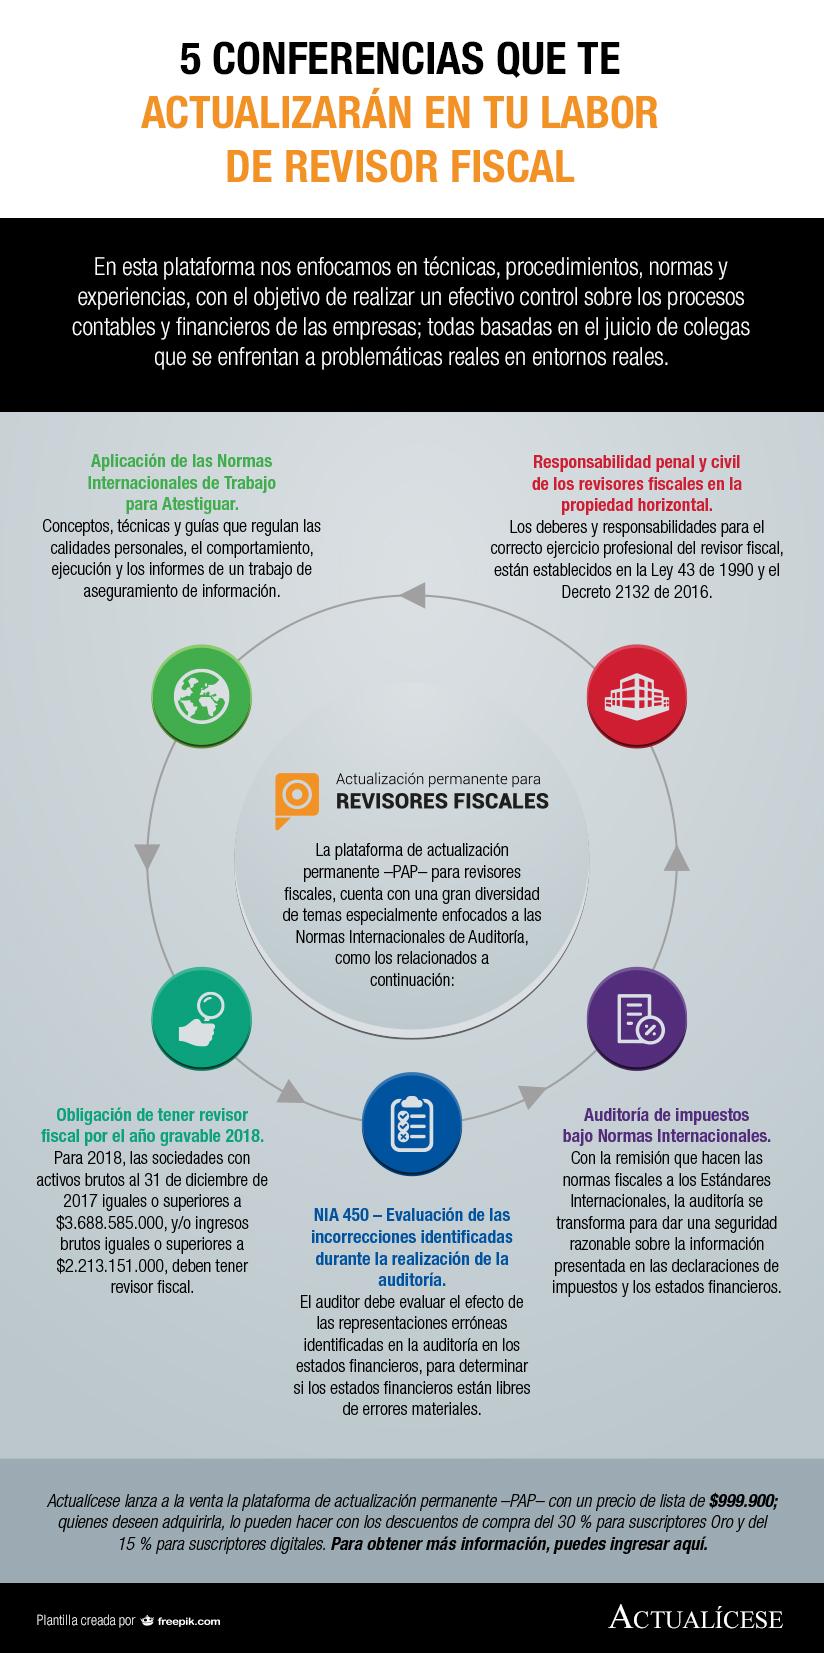 [Infografía] 5 conferencias que te actualizarán en tu labor de revisor fiscal